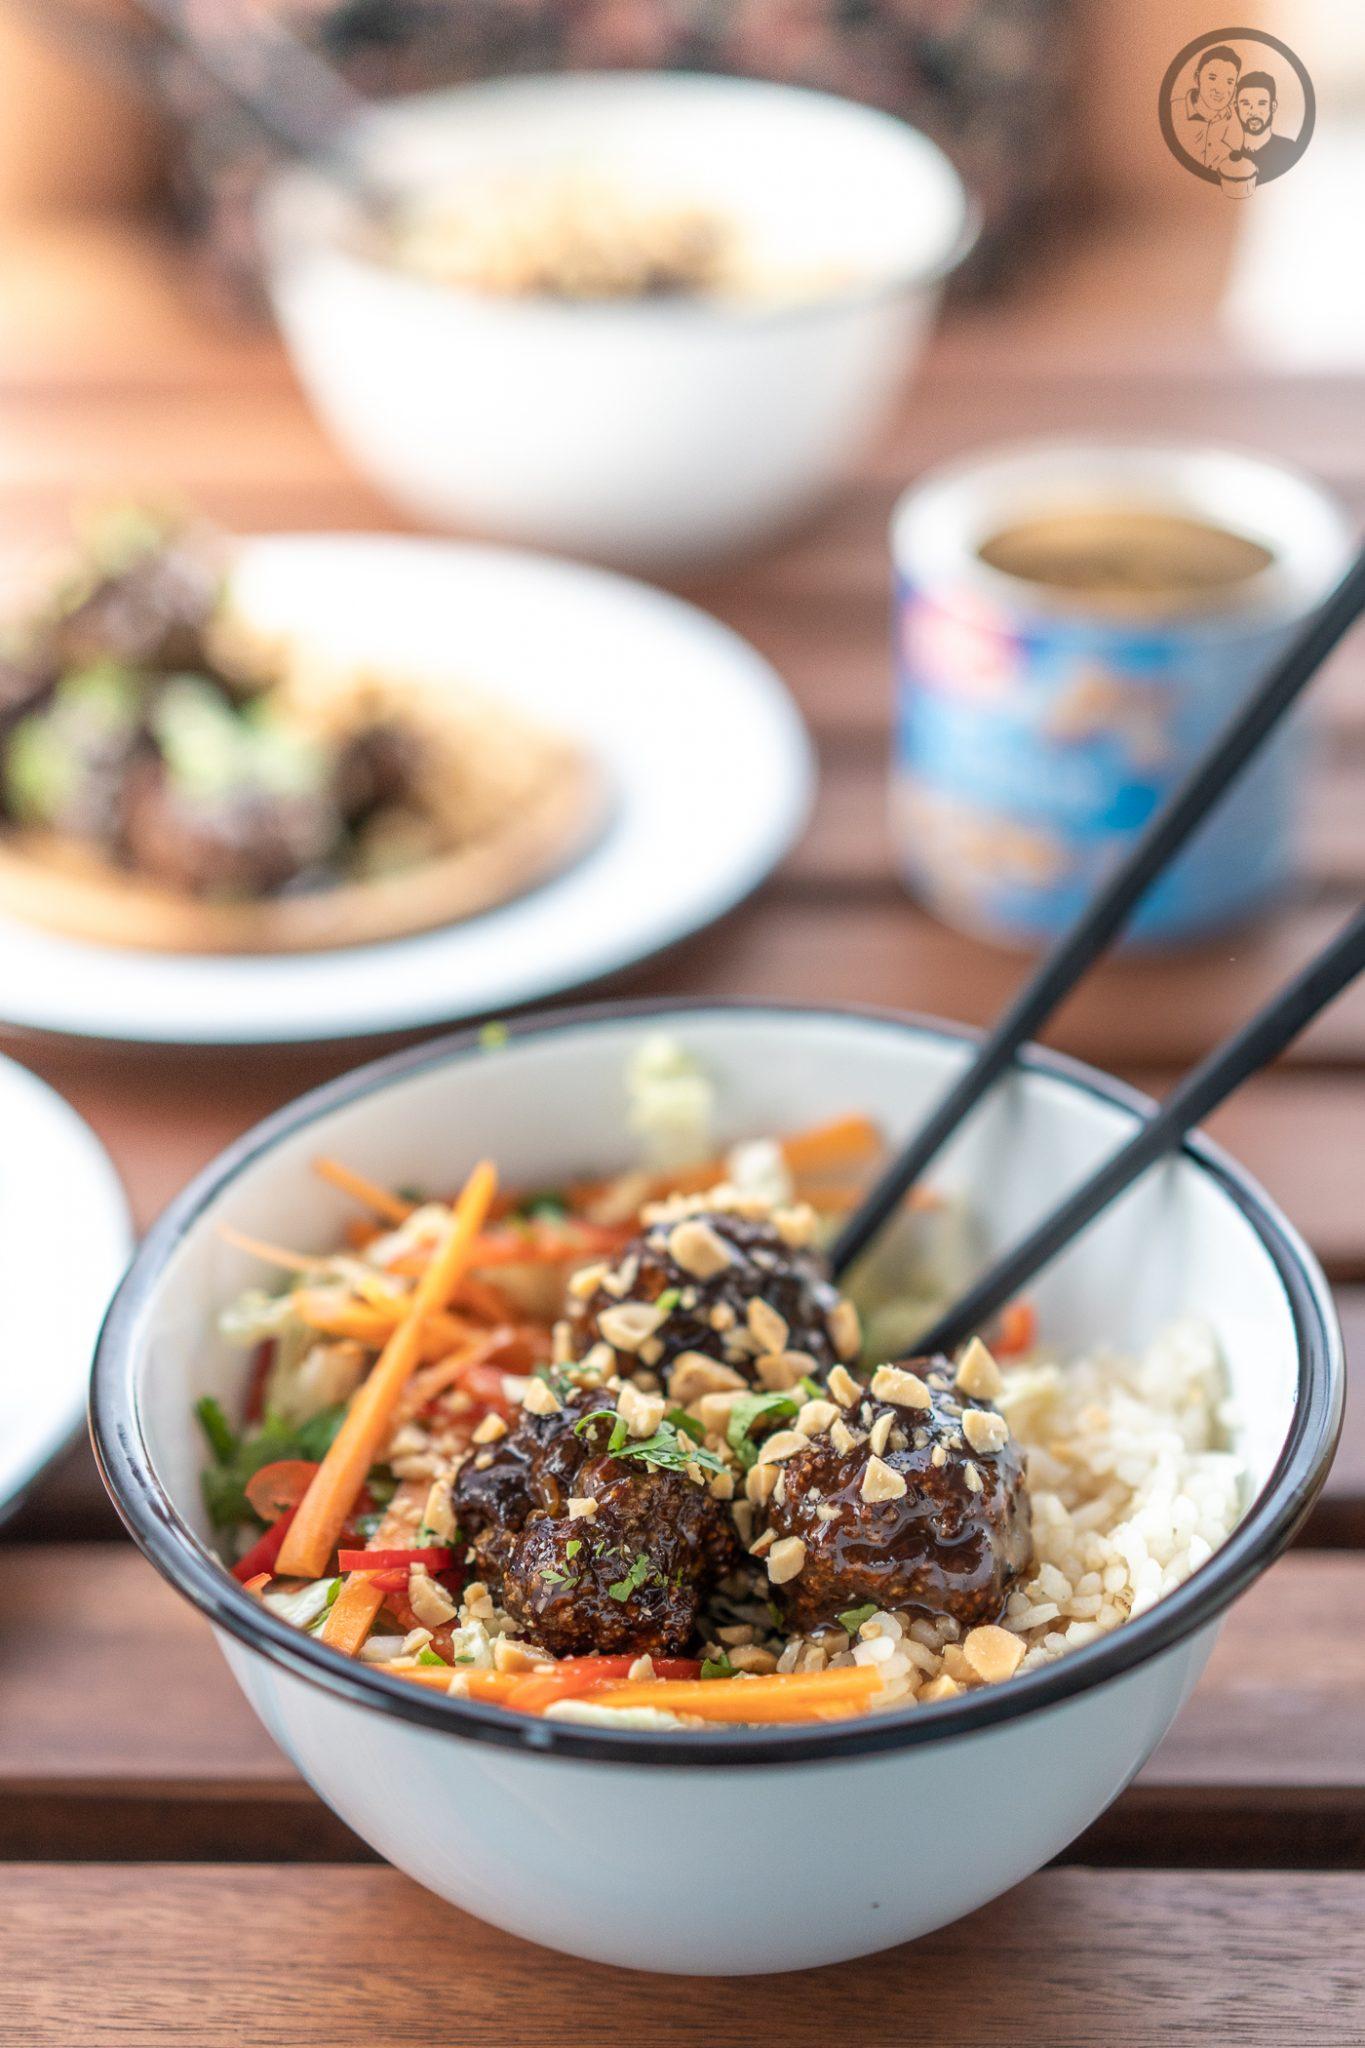 Poke Bowl erdn%C3%BCsse %C3%BCltje 1 | Wenn man um einen Foodtrend 2018 kaum herum gekommen ist, zumindest ging es uns in Köln so, dann ist es die Poke Bowl. Also wurde es höchste Zeit, dass wir unsere eigene Poke Bowl kreieren. Da wir verschiedene Küchen gerne kombinieren haben wir dazu Korean Beef Balls gemacht und eine gute Ladung gesalzene ültje Erdnüsse dazu gegeben - so schmeckt der Sommer aus der Schüssel!